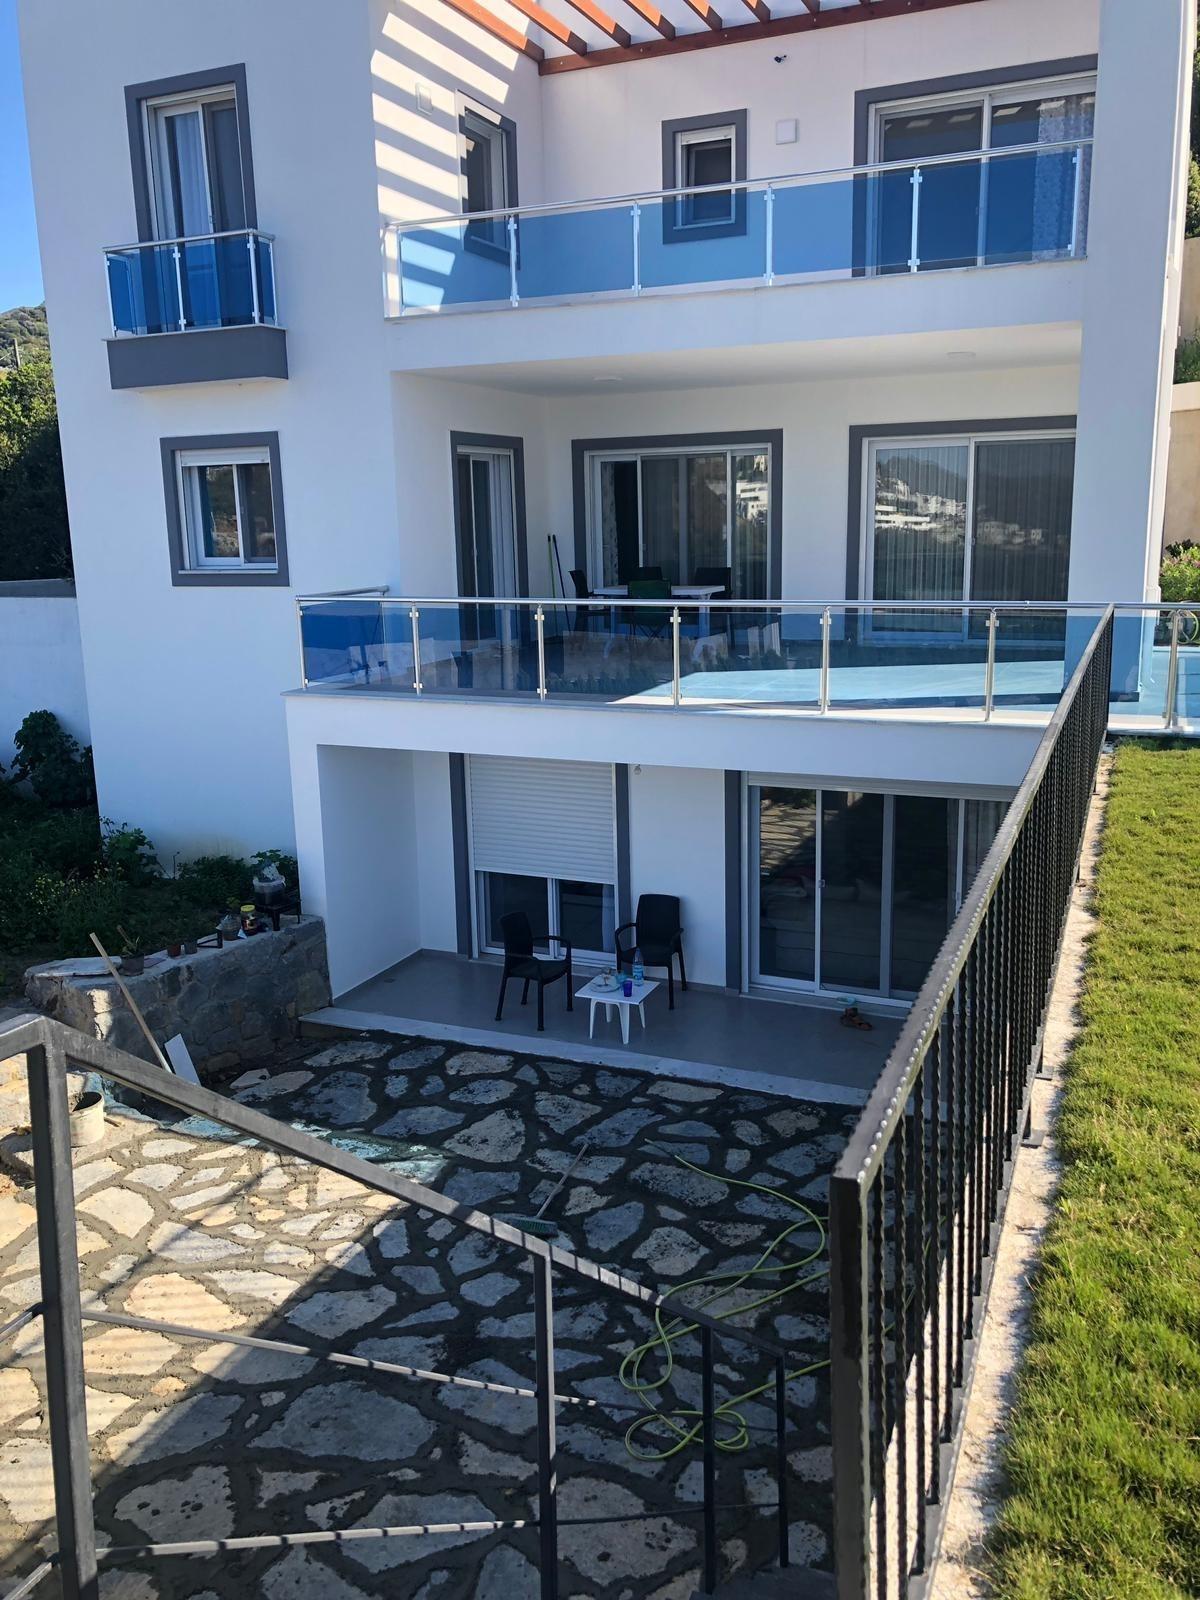 Ferienhaus Villa  Yalikavak (2688023), Bodrum, , Ägäisregion, Türkei, Bild 20